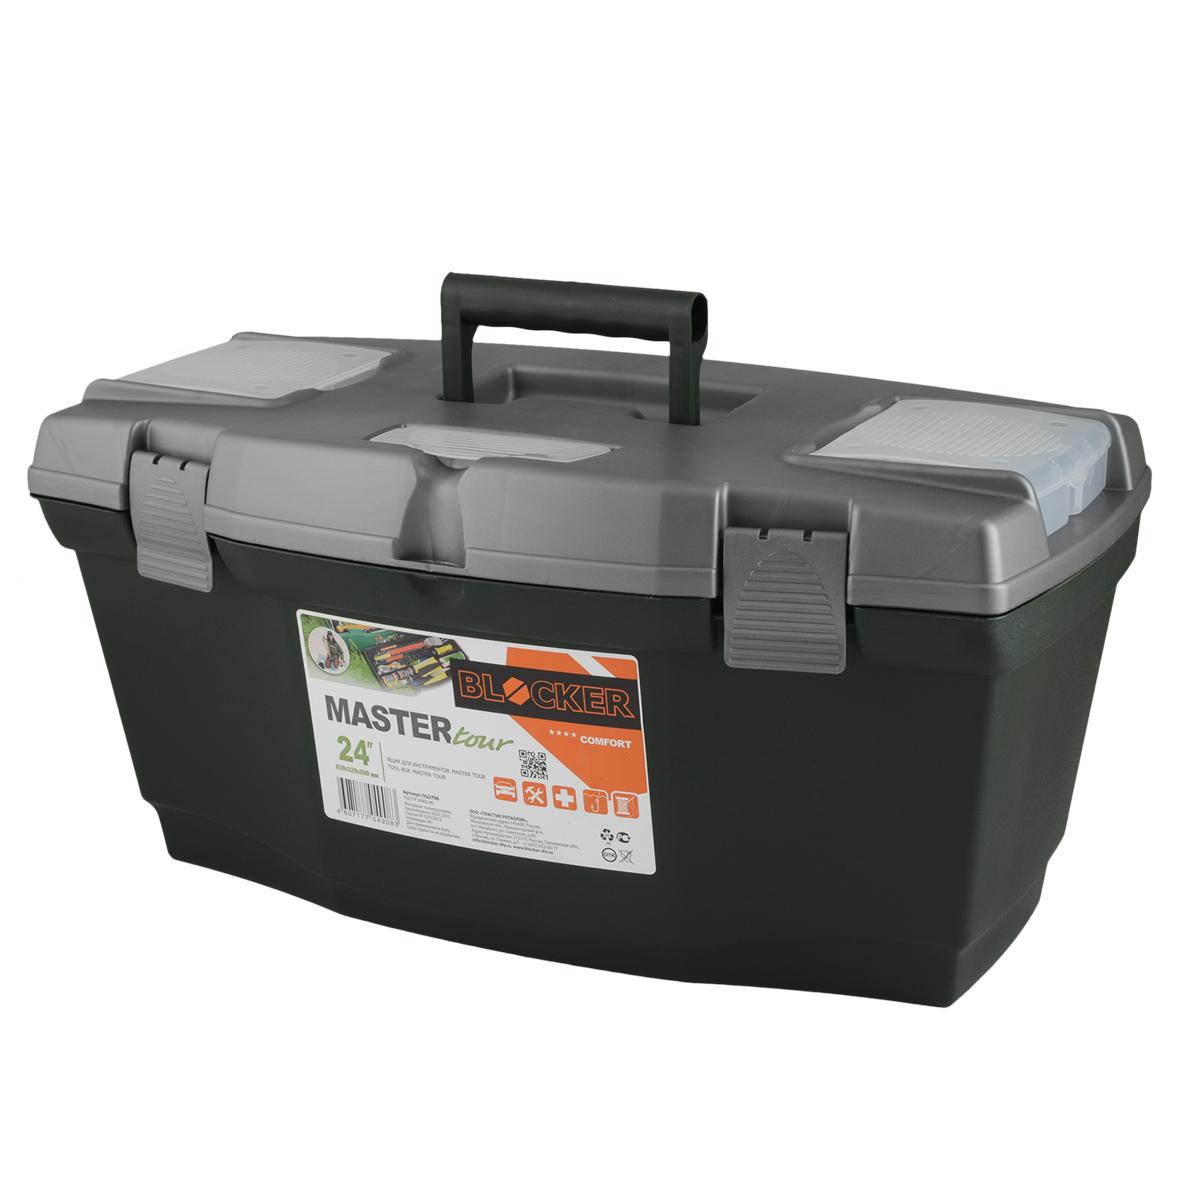 Ящик для инструментов Blocker Master Tour, цвет: темно-зеленый, 610 х 320 х 300 ммПЦ3706ТЗЛ-4РSМногофункциональный ящик Blocker Master Tour отлично подходит для хранения небольших рыболовных и охотничьих принадлежностей, может быть использован для переноски мангала, посуды и многих вещей, которые могут понадобиться на отдыхе или в путешествии. Ящик имеет надежные замки и встроенные органайзеры в крышке для размещения мелких деталей.